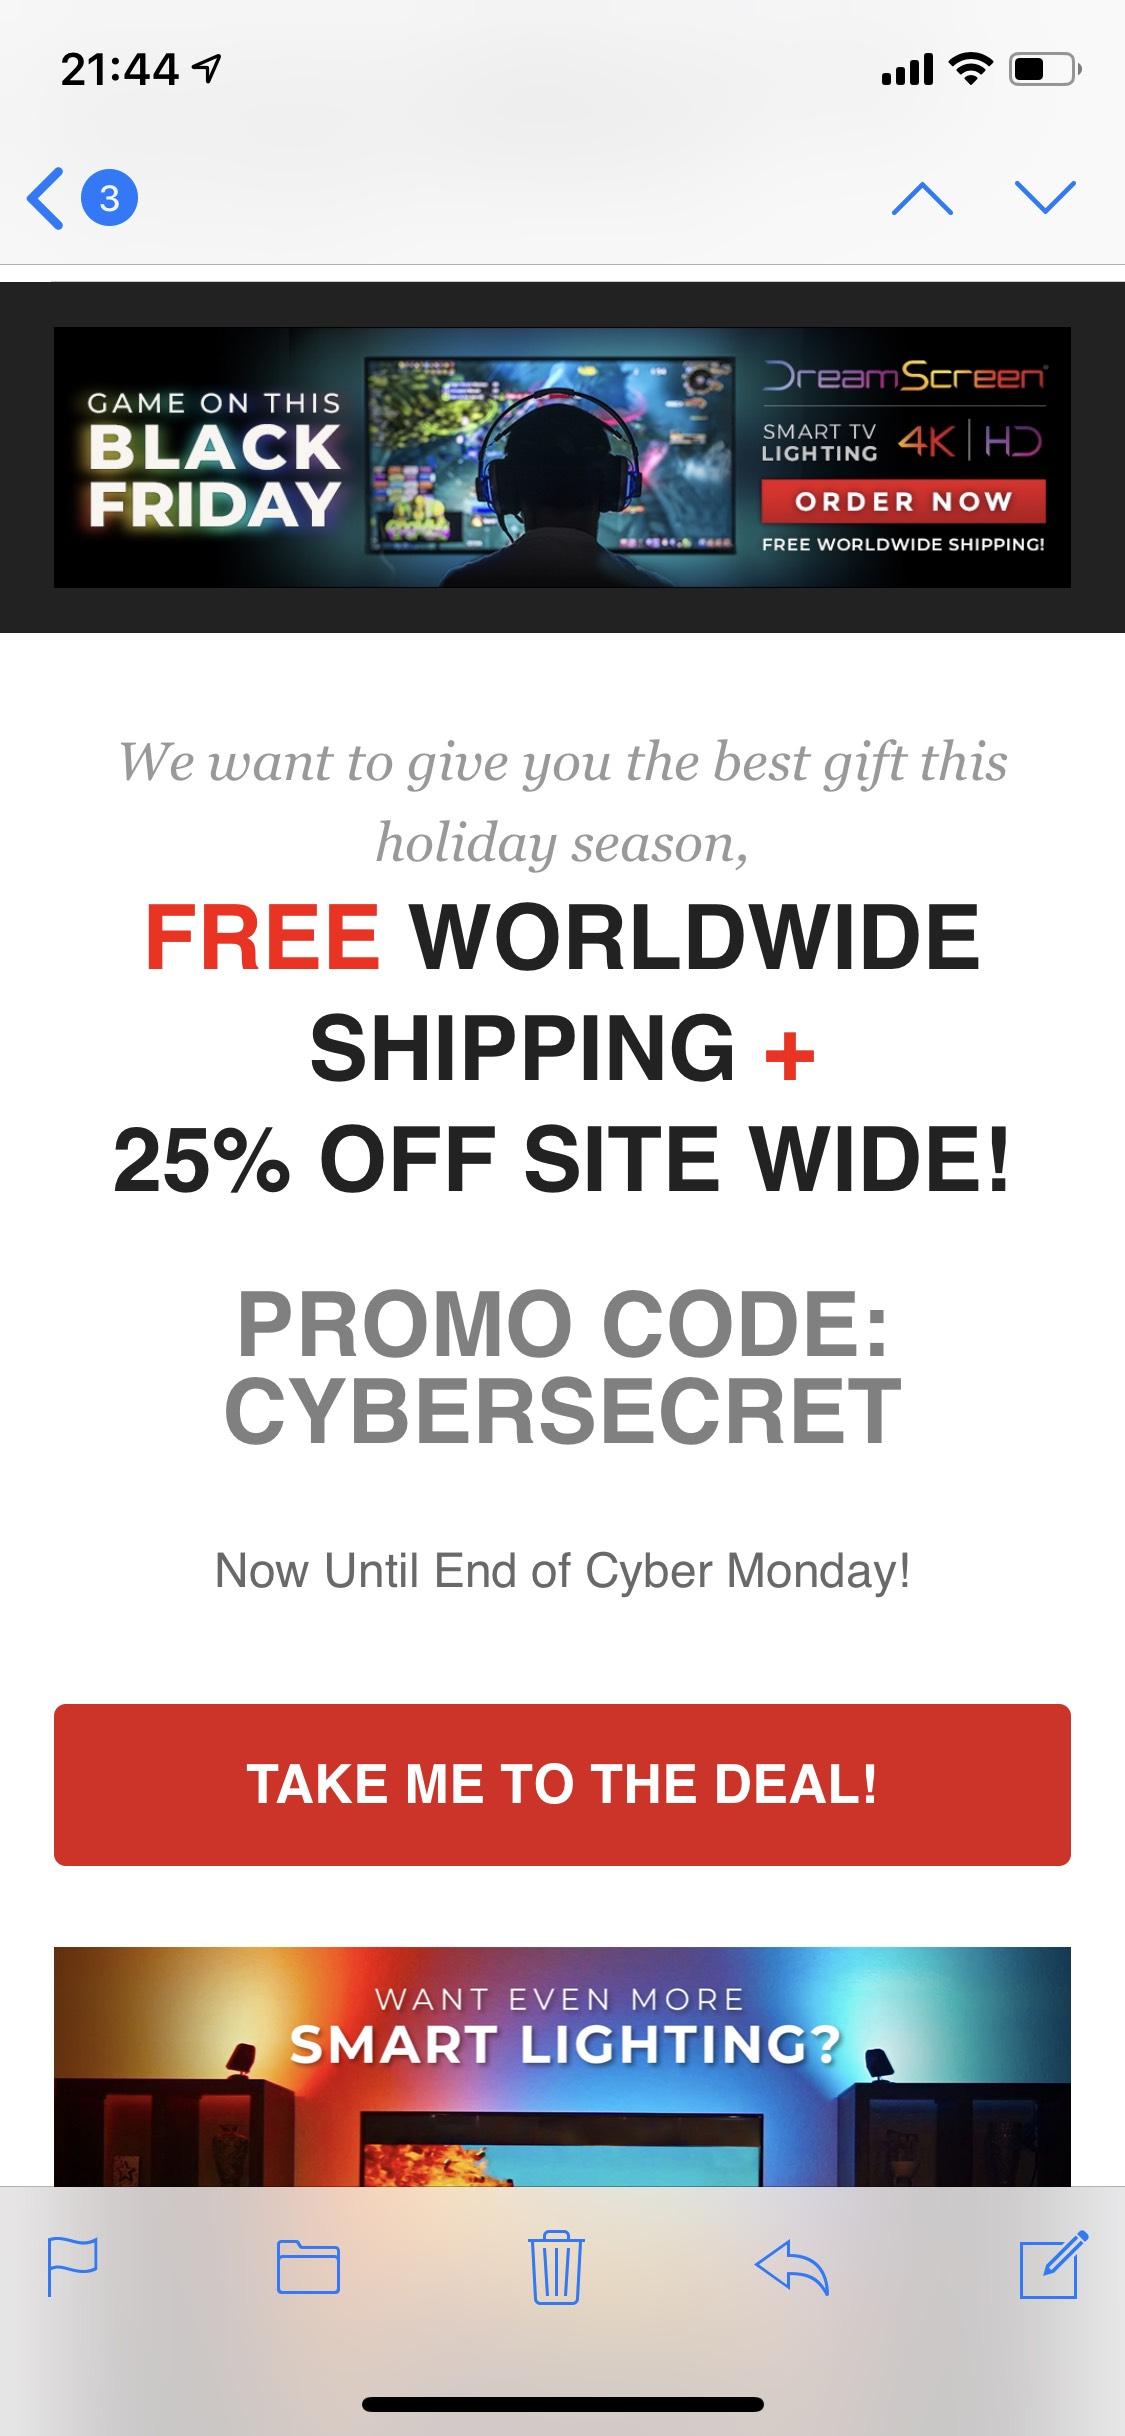 25% bei DreamScreen inklusive weltweitem Versand kostenlos